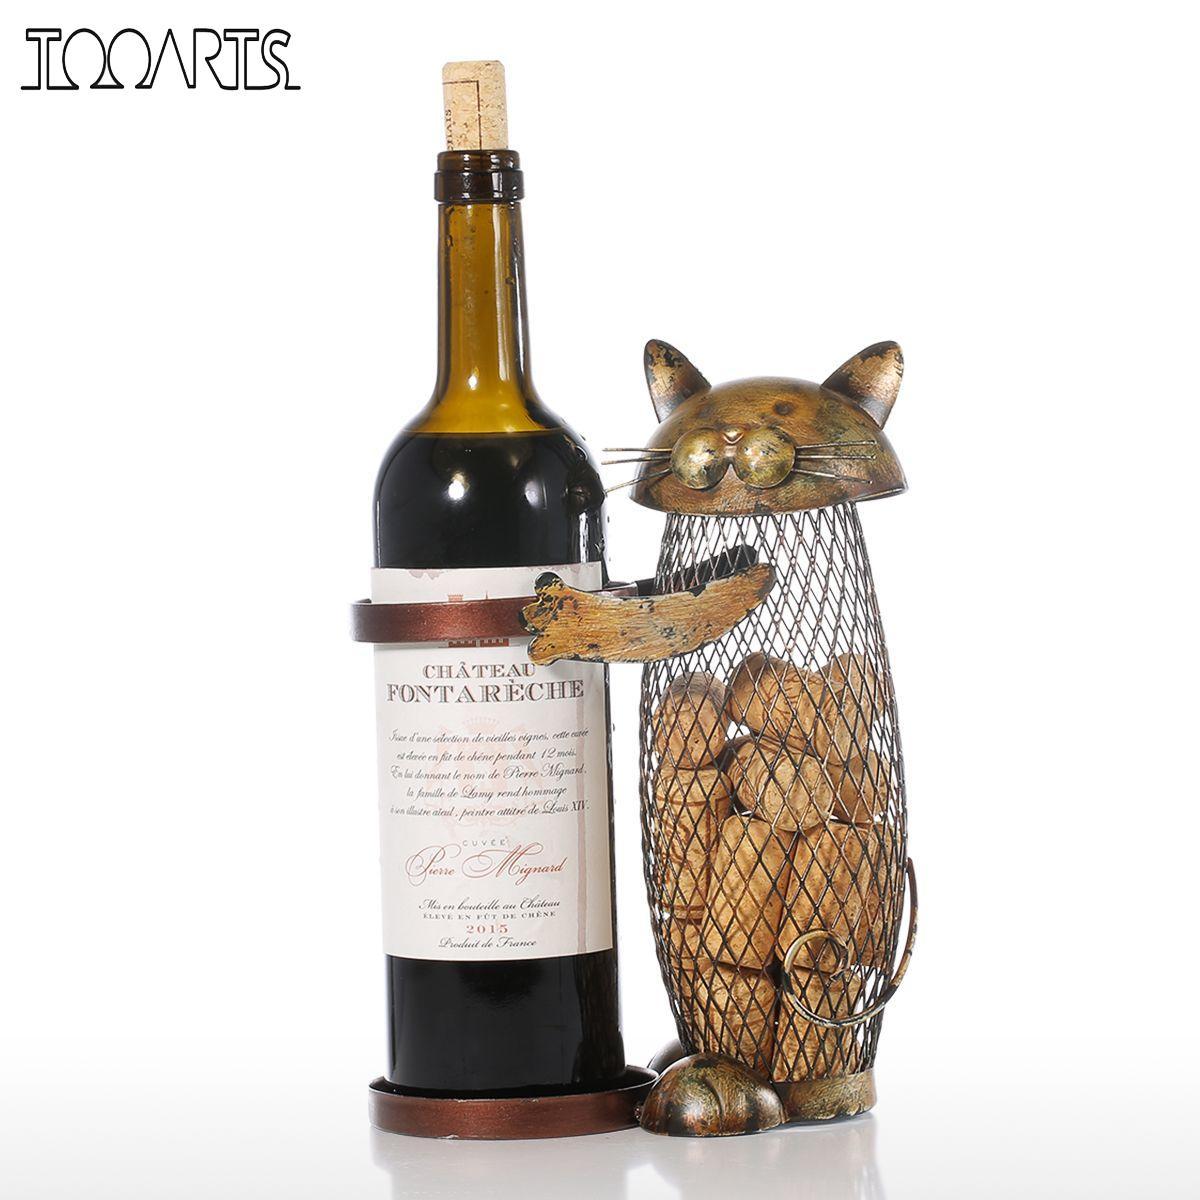 Tooarts Katze Wein Rack Kork Behälter Flasche Wein Halter Küche Bar Display Metall Wein Handwerk Geschenk Handwerk Tier Wein Stehen